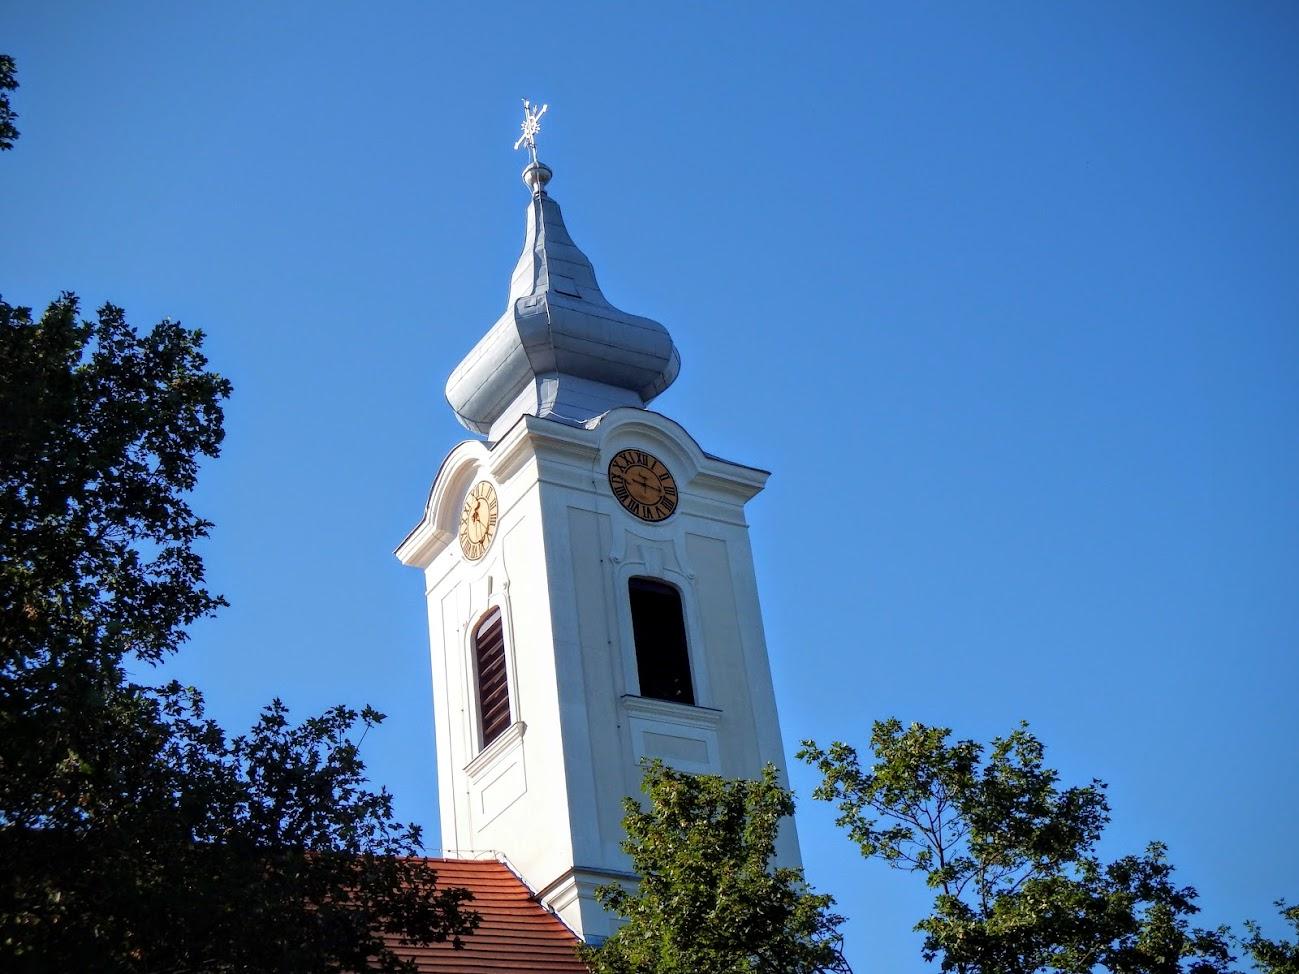 Vaszar - Szent György rk. templom és keresztút a templomkertben